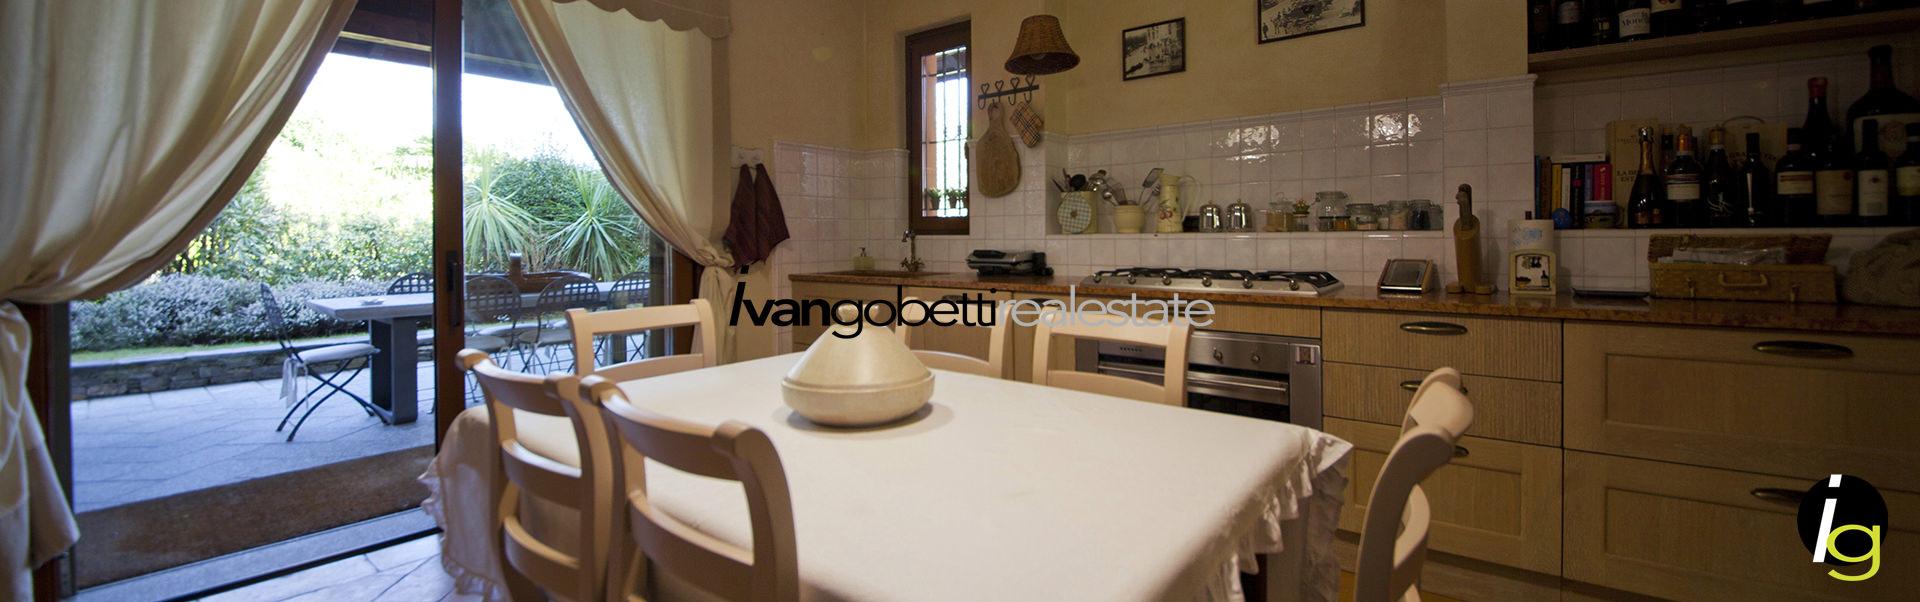 Vendesi a Verbania Lago Maggiore Villa indipendente con ampio giardino e vista lago